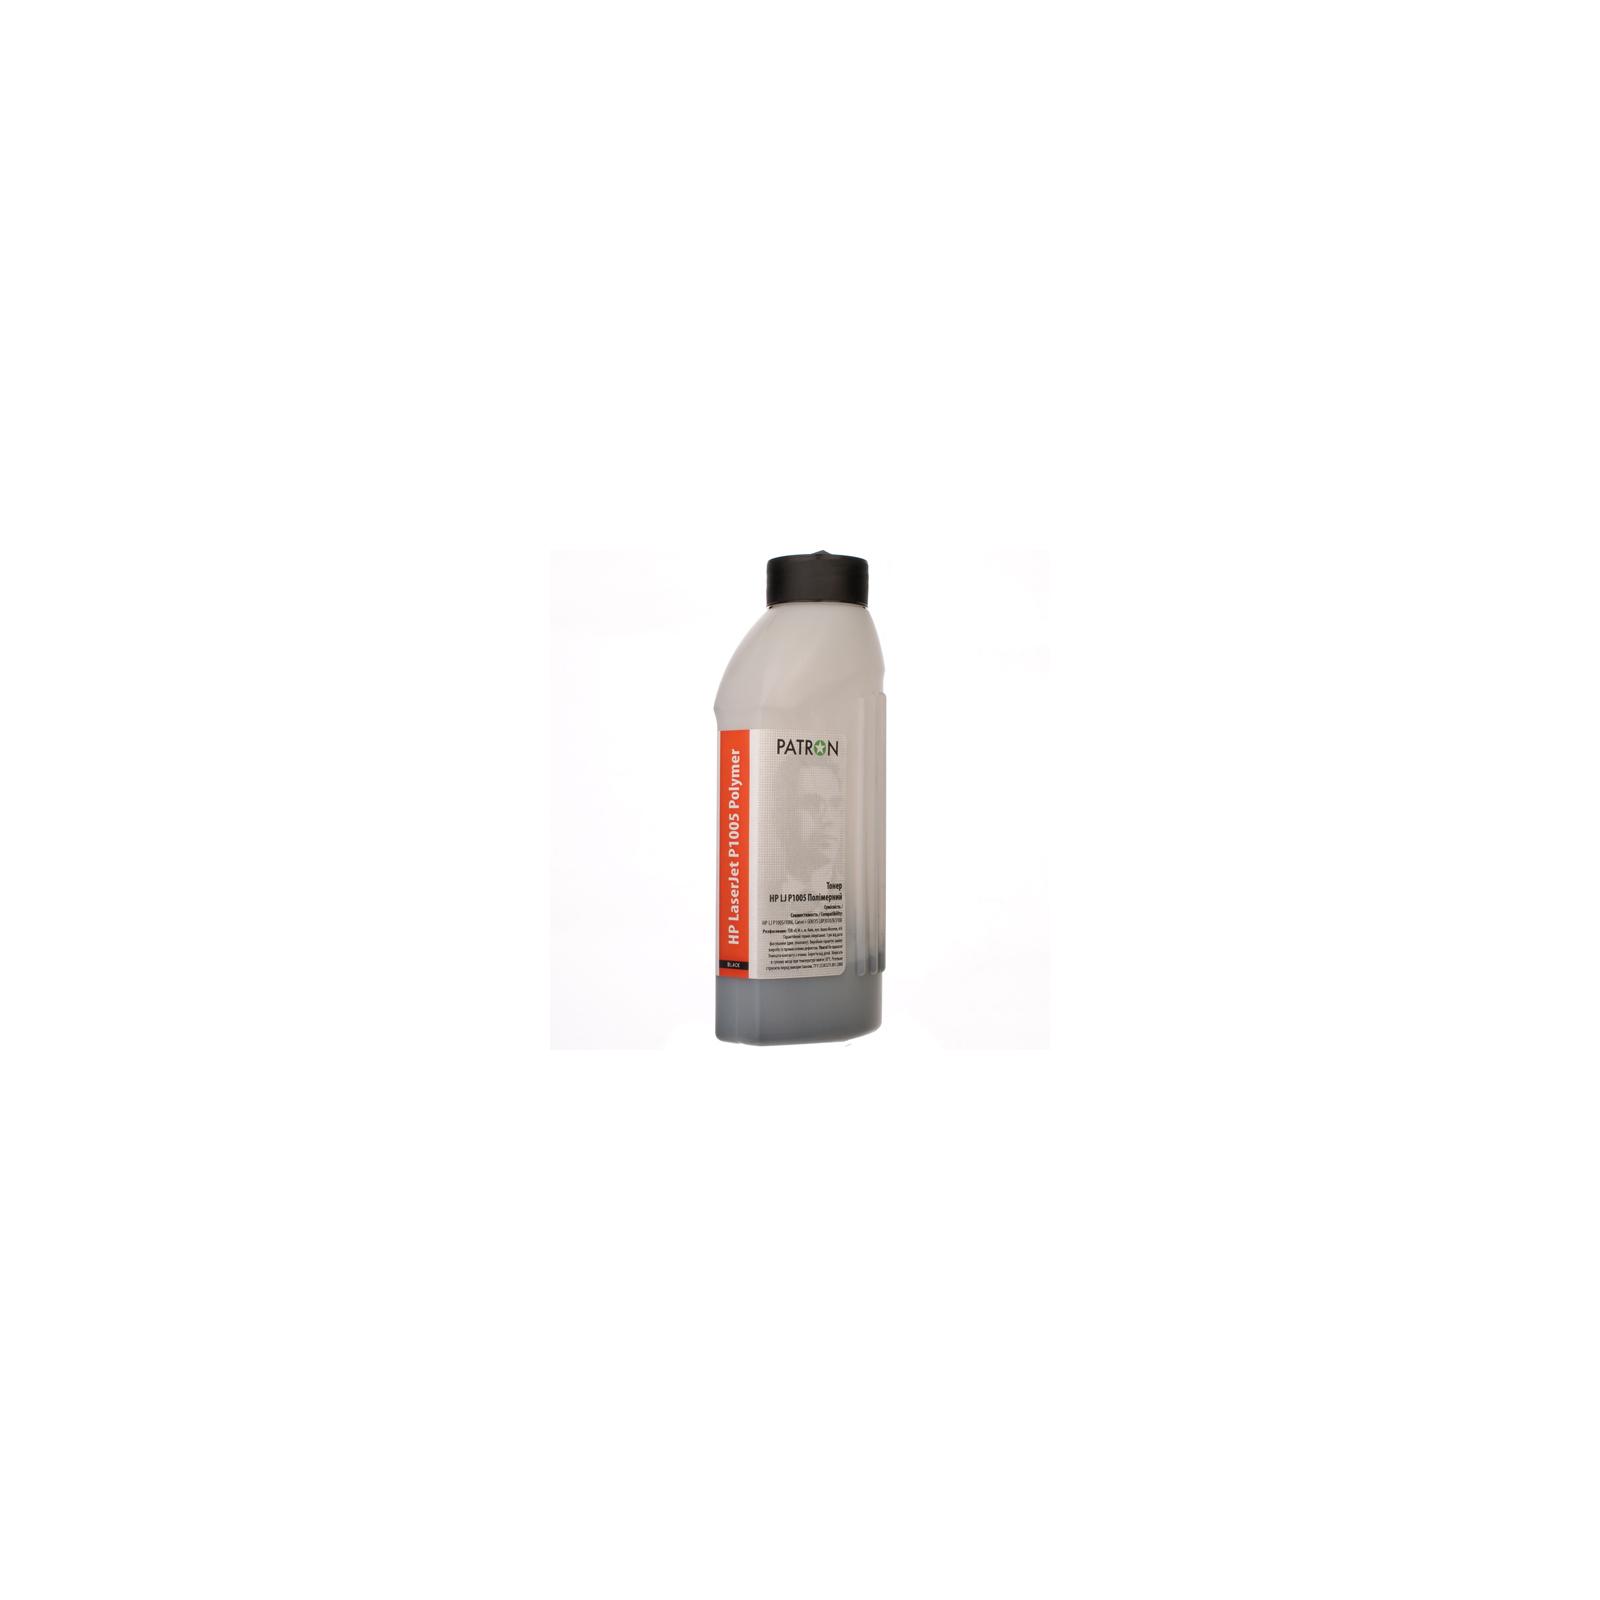 Тонер PATRON HP LJ P1005 Polymer 85г (PN-HLJP1005-P-085)